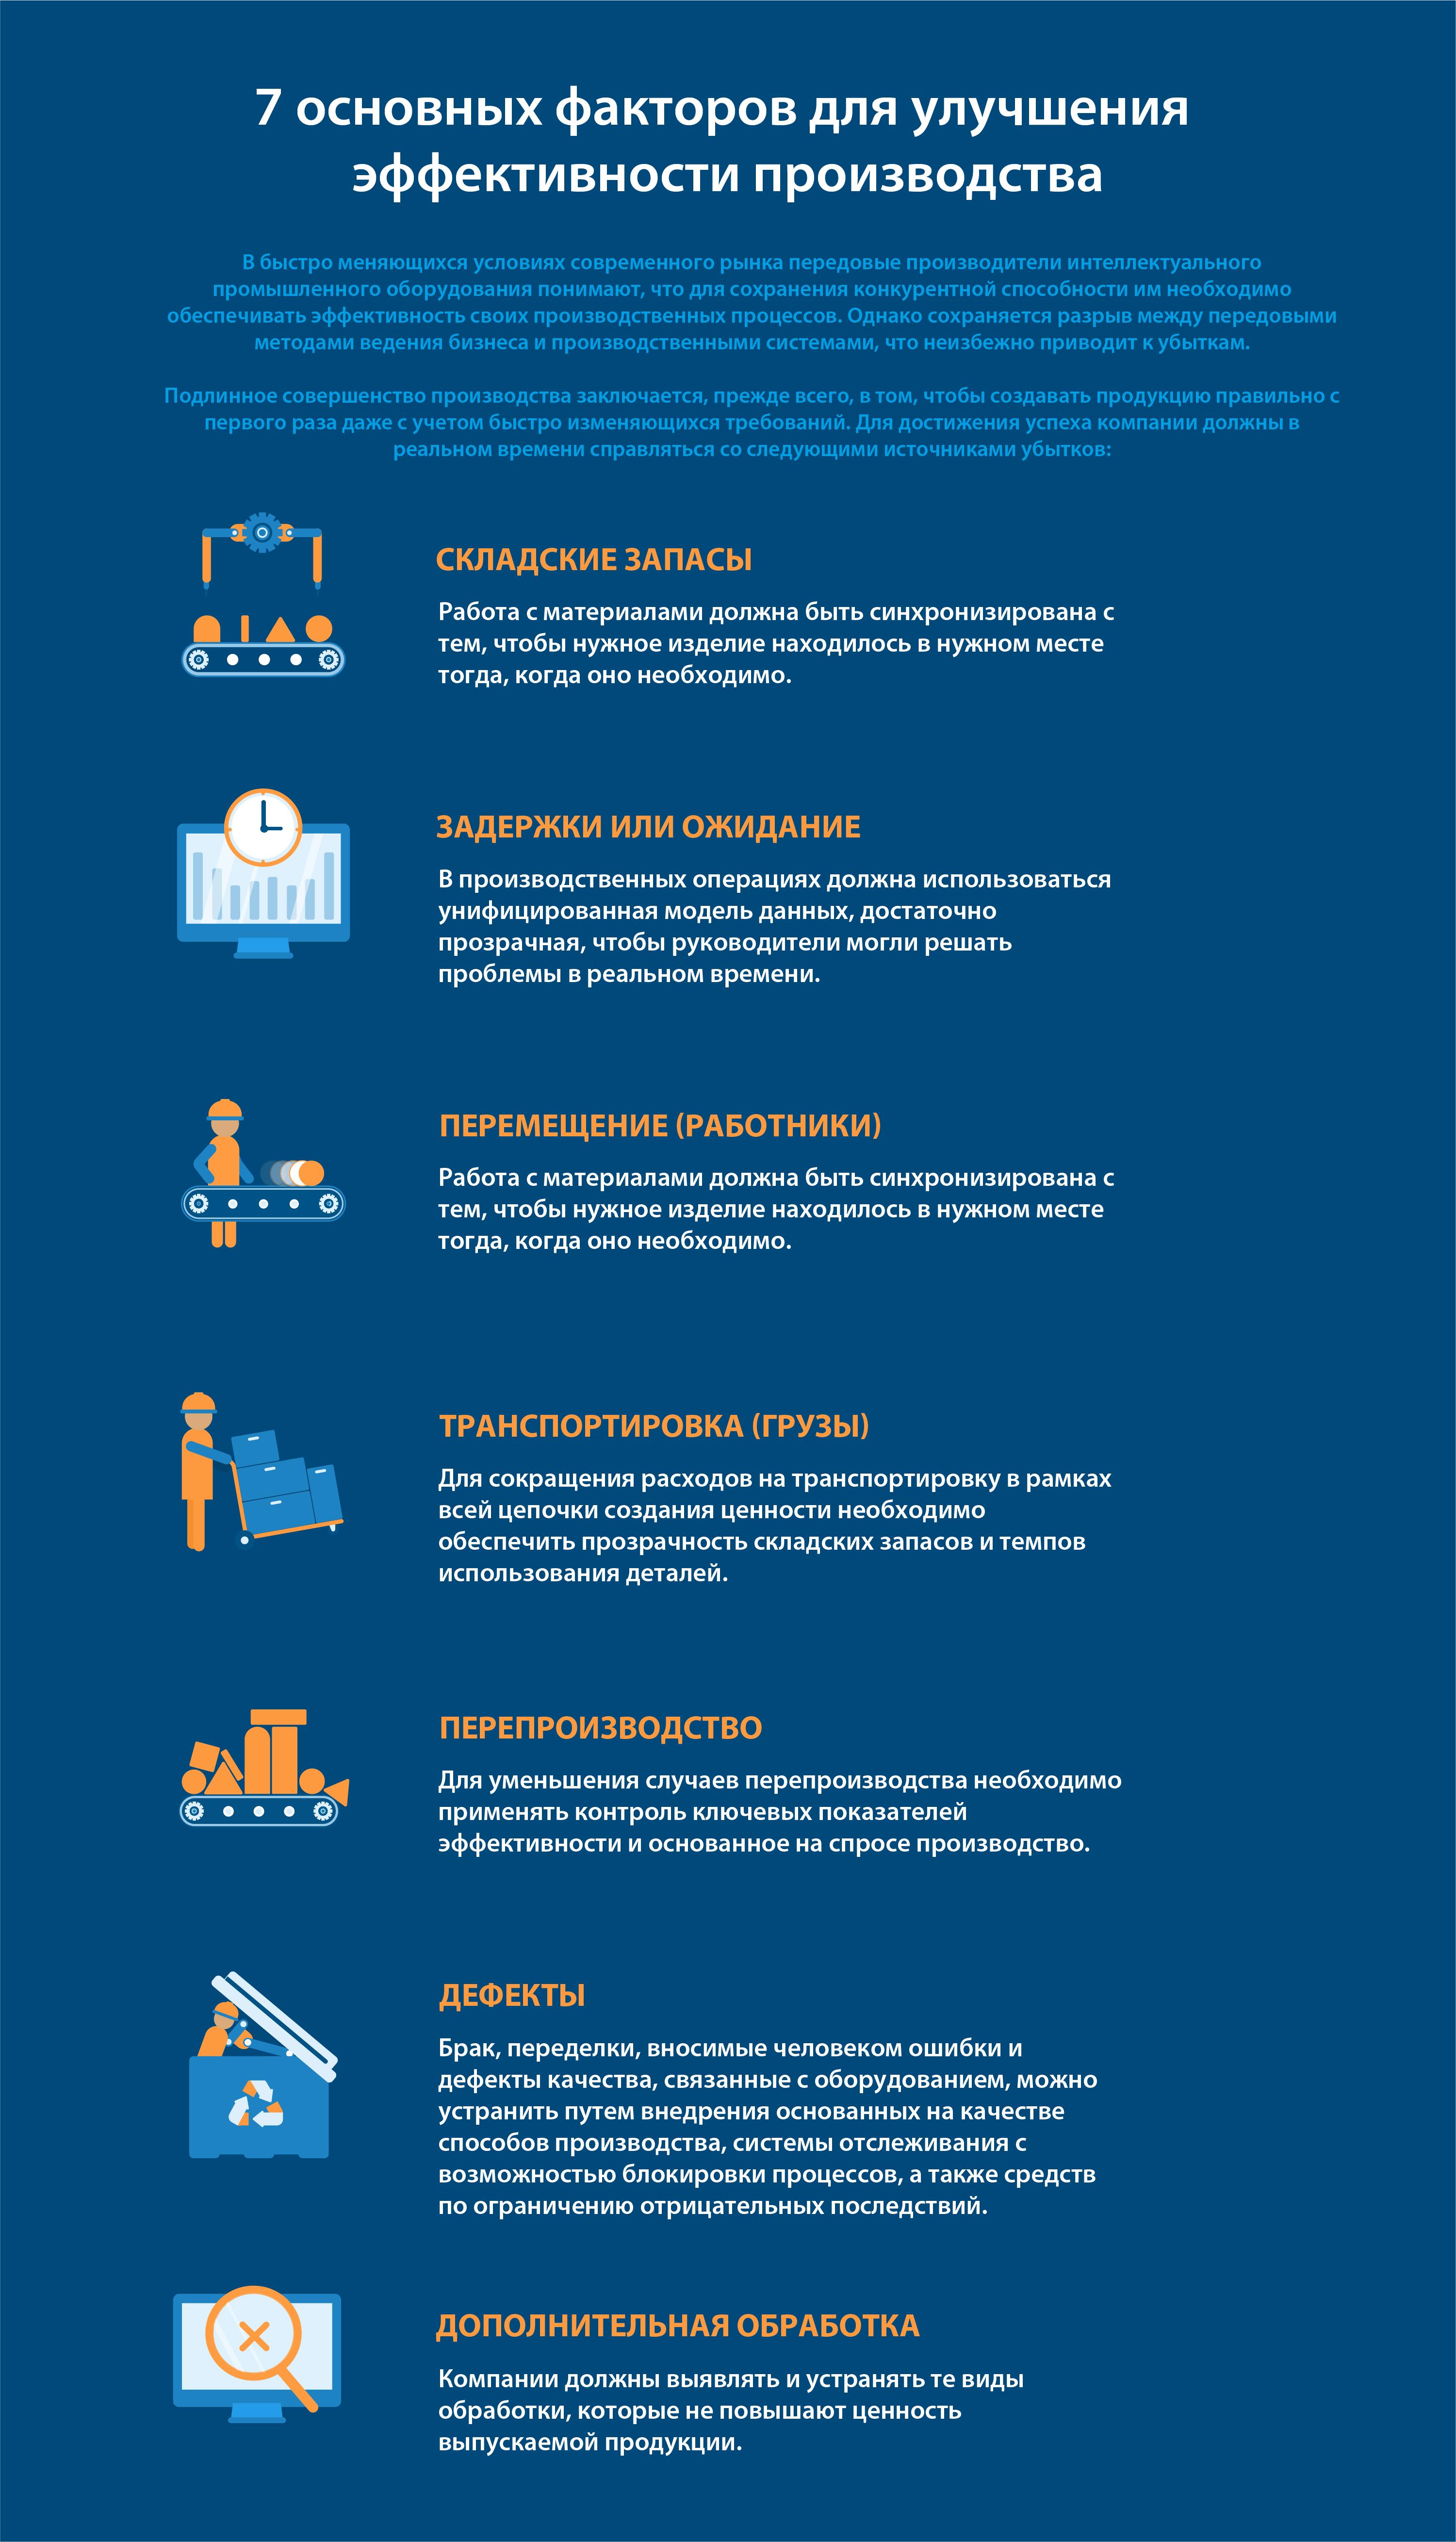 7основных способов повысить производственную эффективность> Машиностроение> DassaultSystèmes®